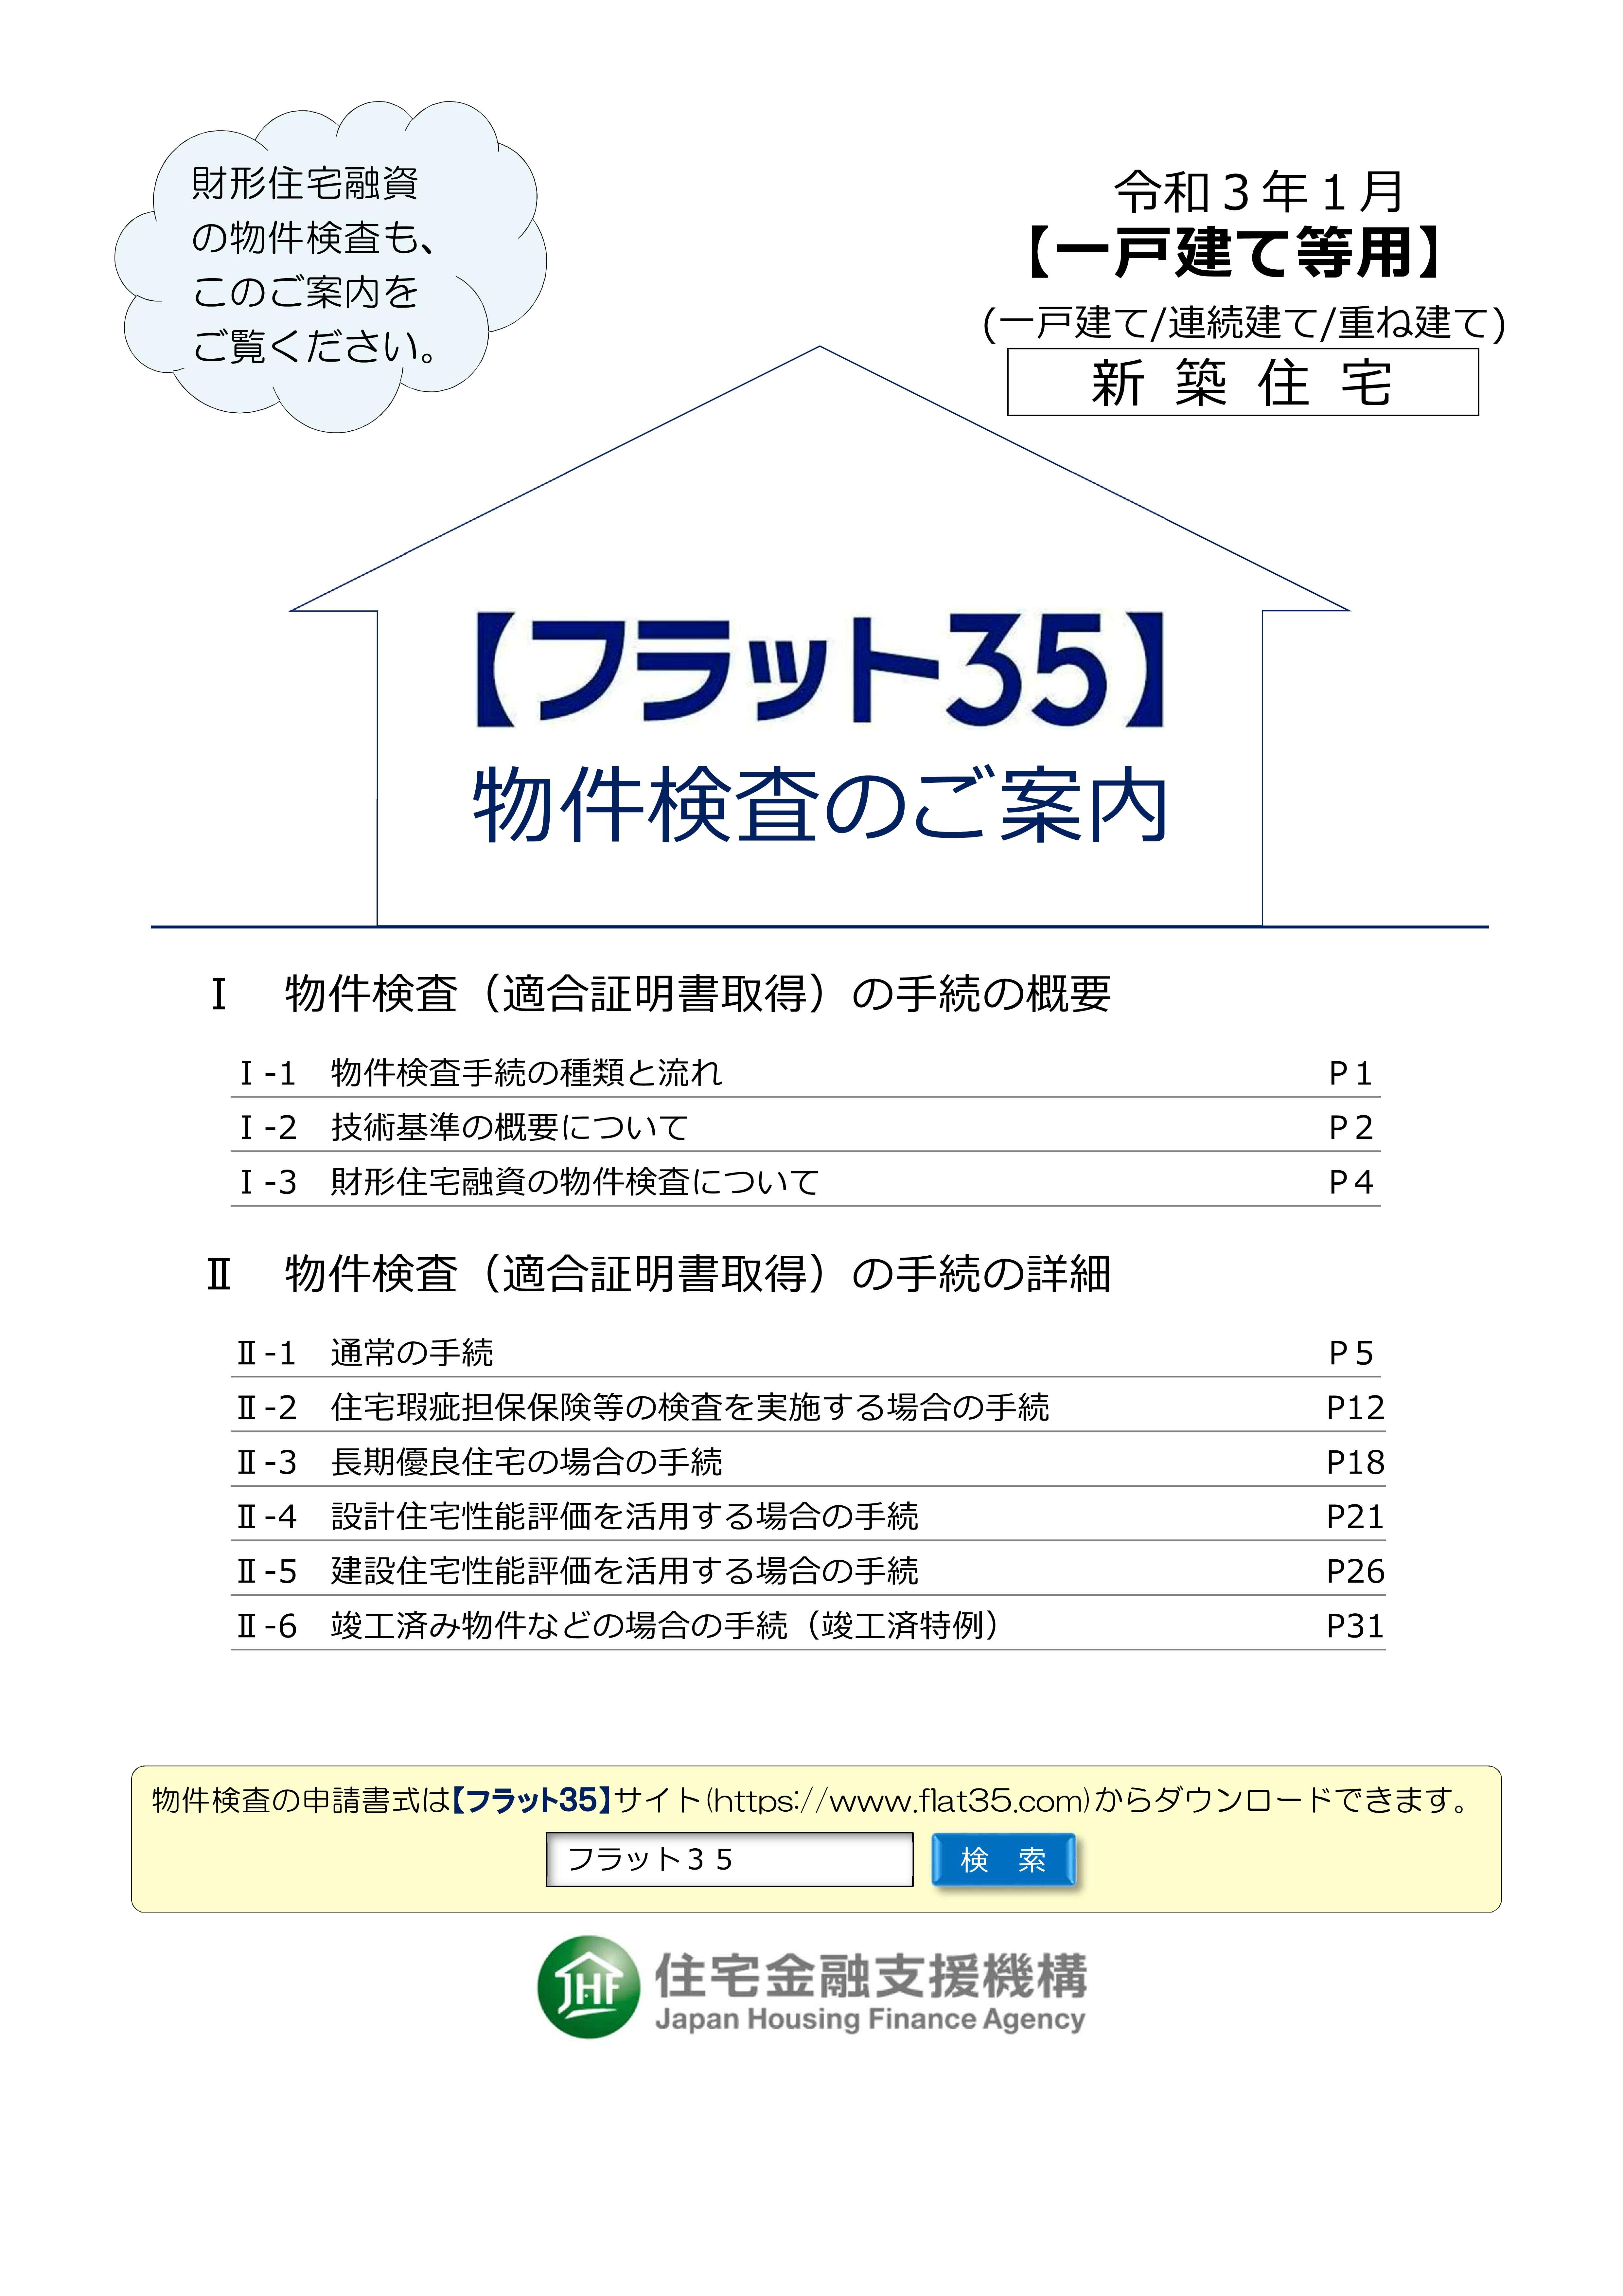 建築 証明 認定 長期 住宅 書 優良